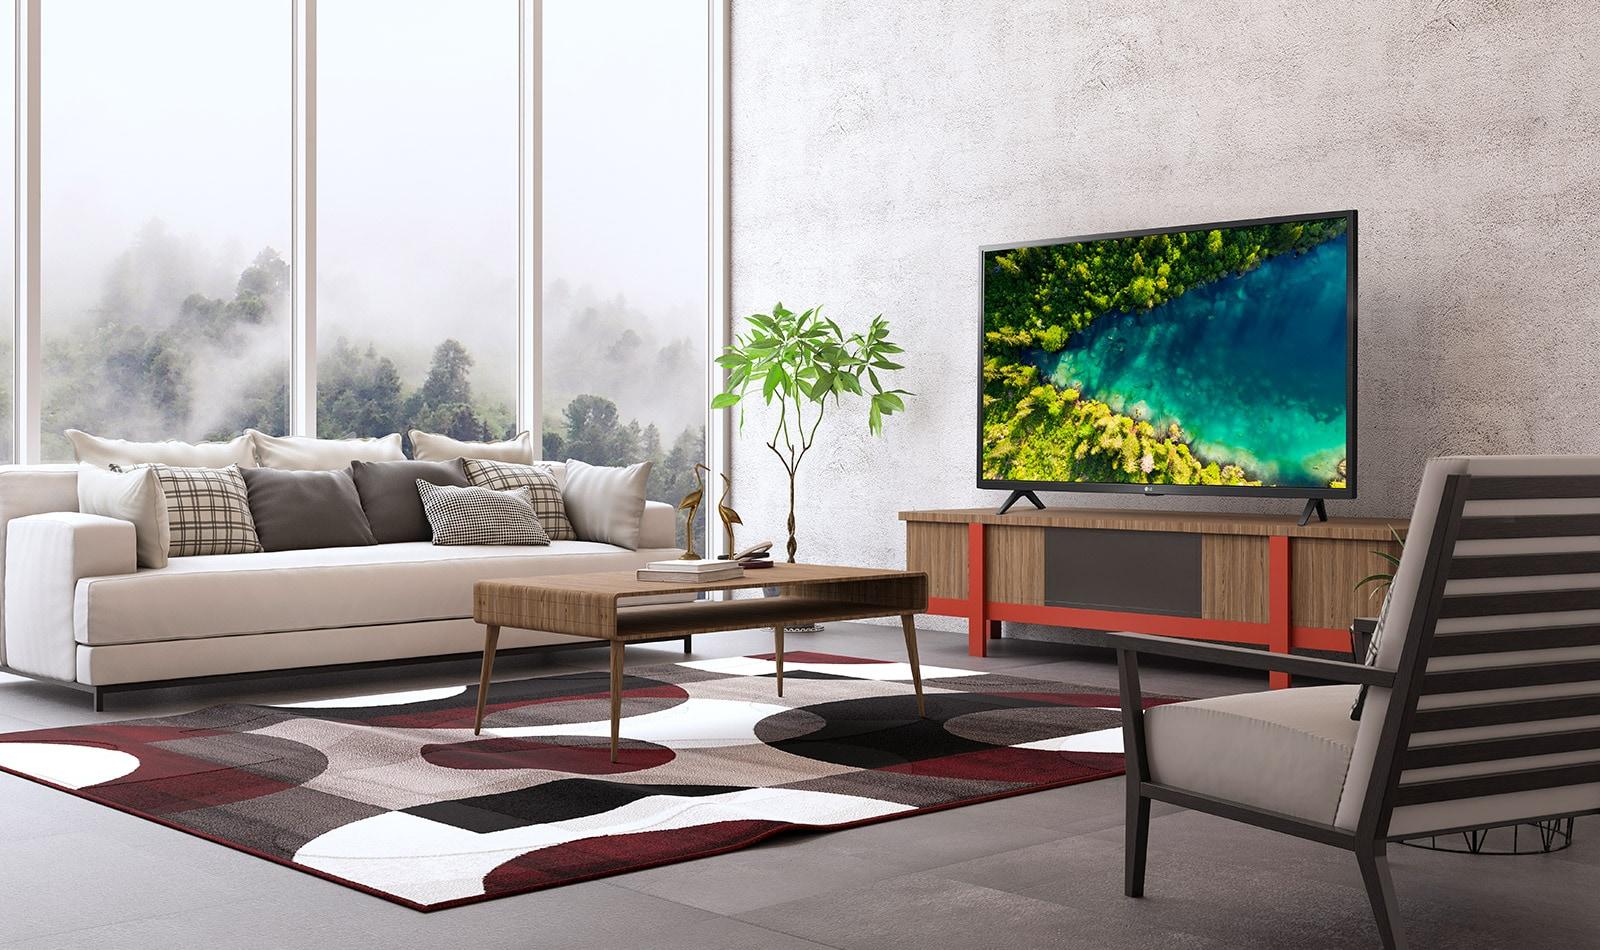 TV v sodobnem in preprostem domačem okolju prikazuje reko, ki od zgoraj teče v gostem gozdu.